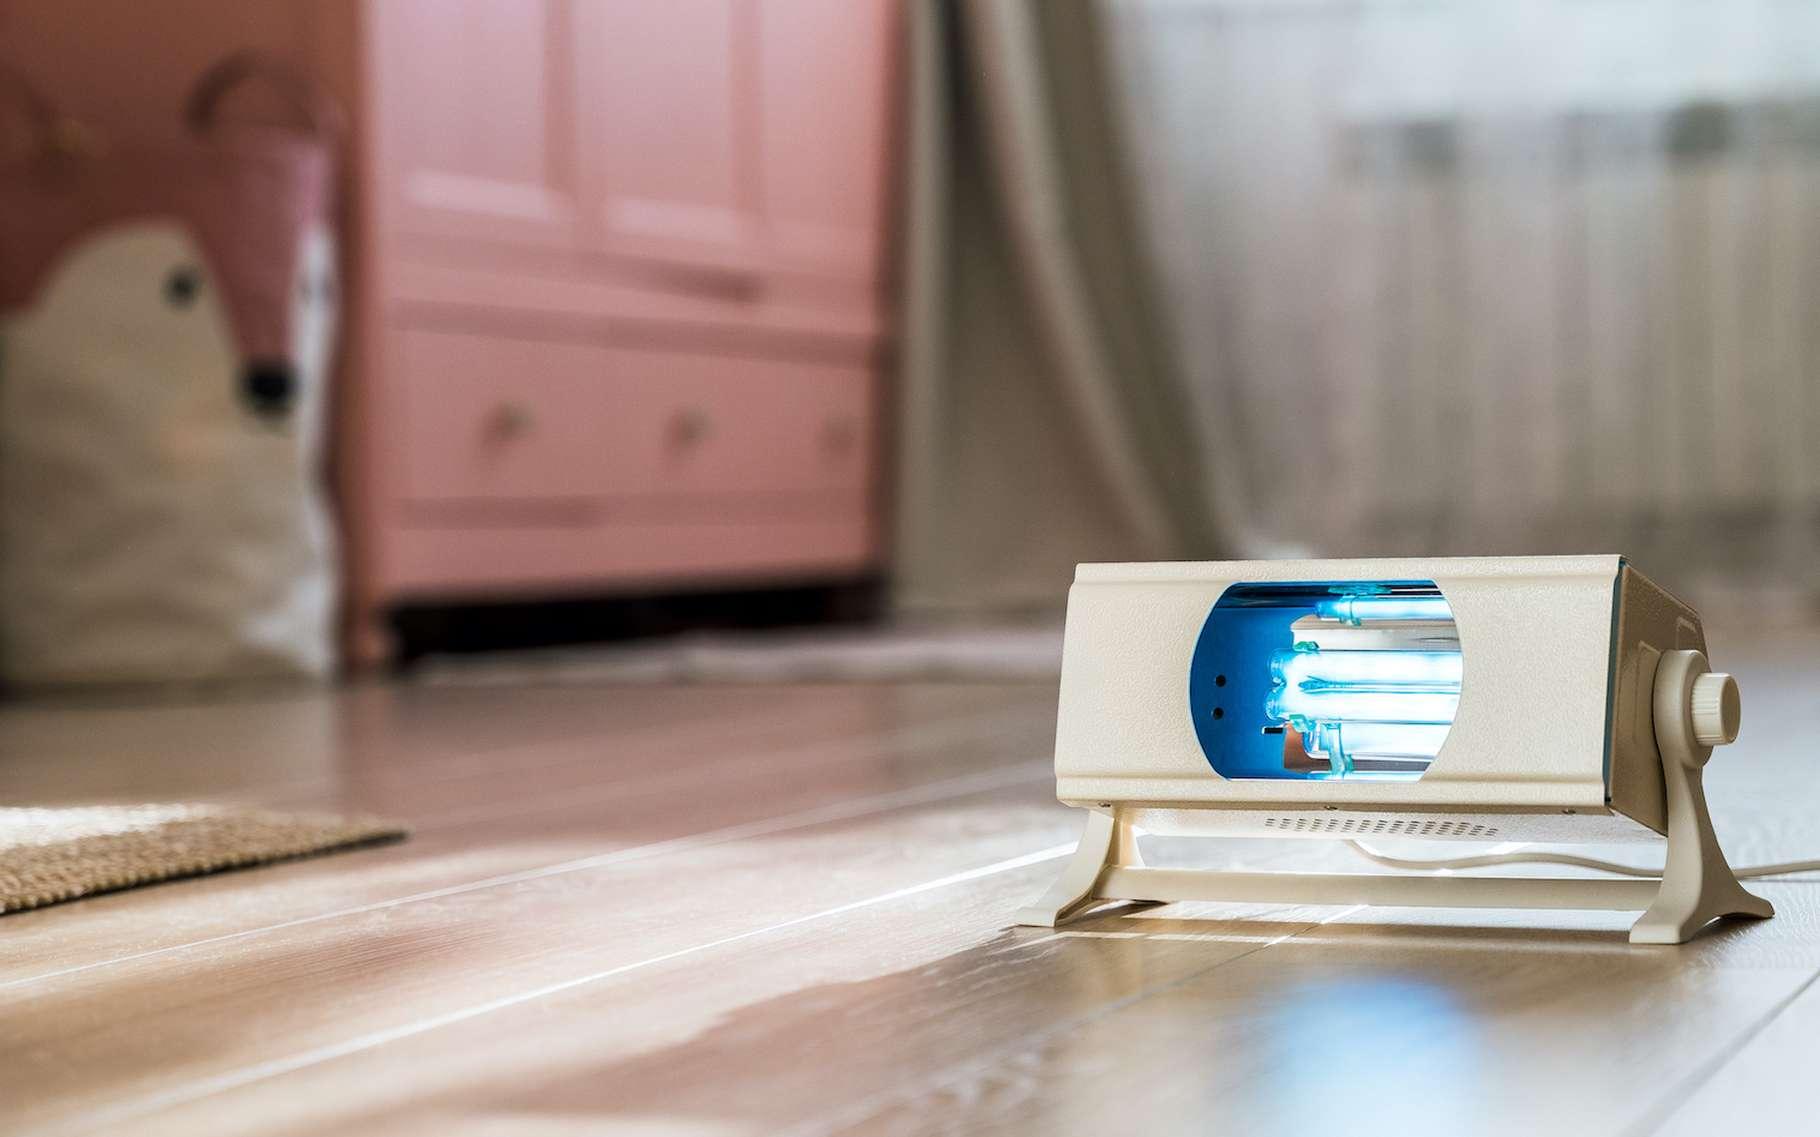 Des chercheurs de l'université de Penn State (États-Unis) semblent avoir trouvé une solution technique pour produire des appareils à UV portables capables de désinfecter les surfaces souillées par le coronavirus — et d'autres virus. © Galina Geier, Adobe Stock